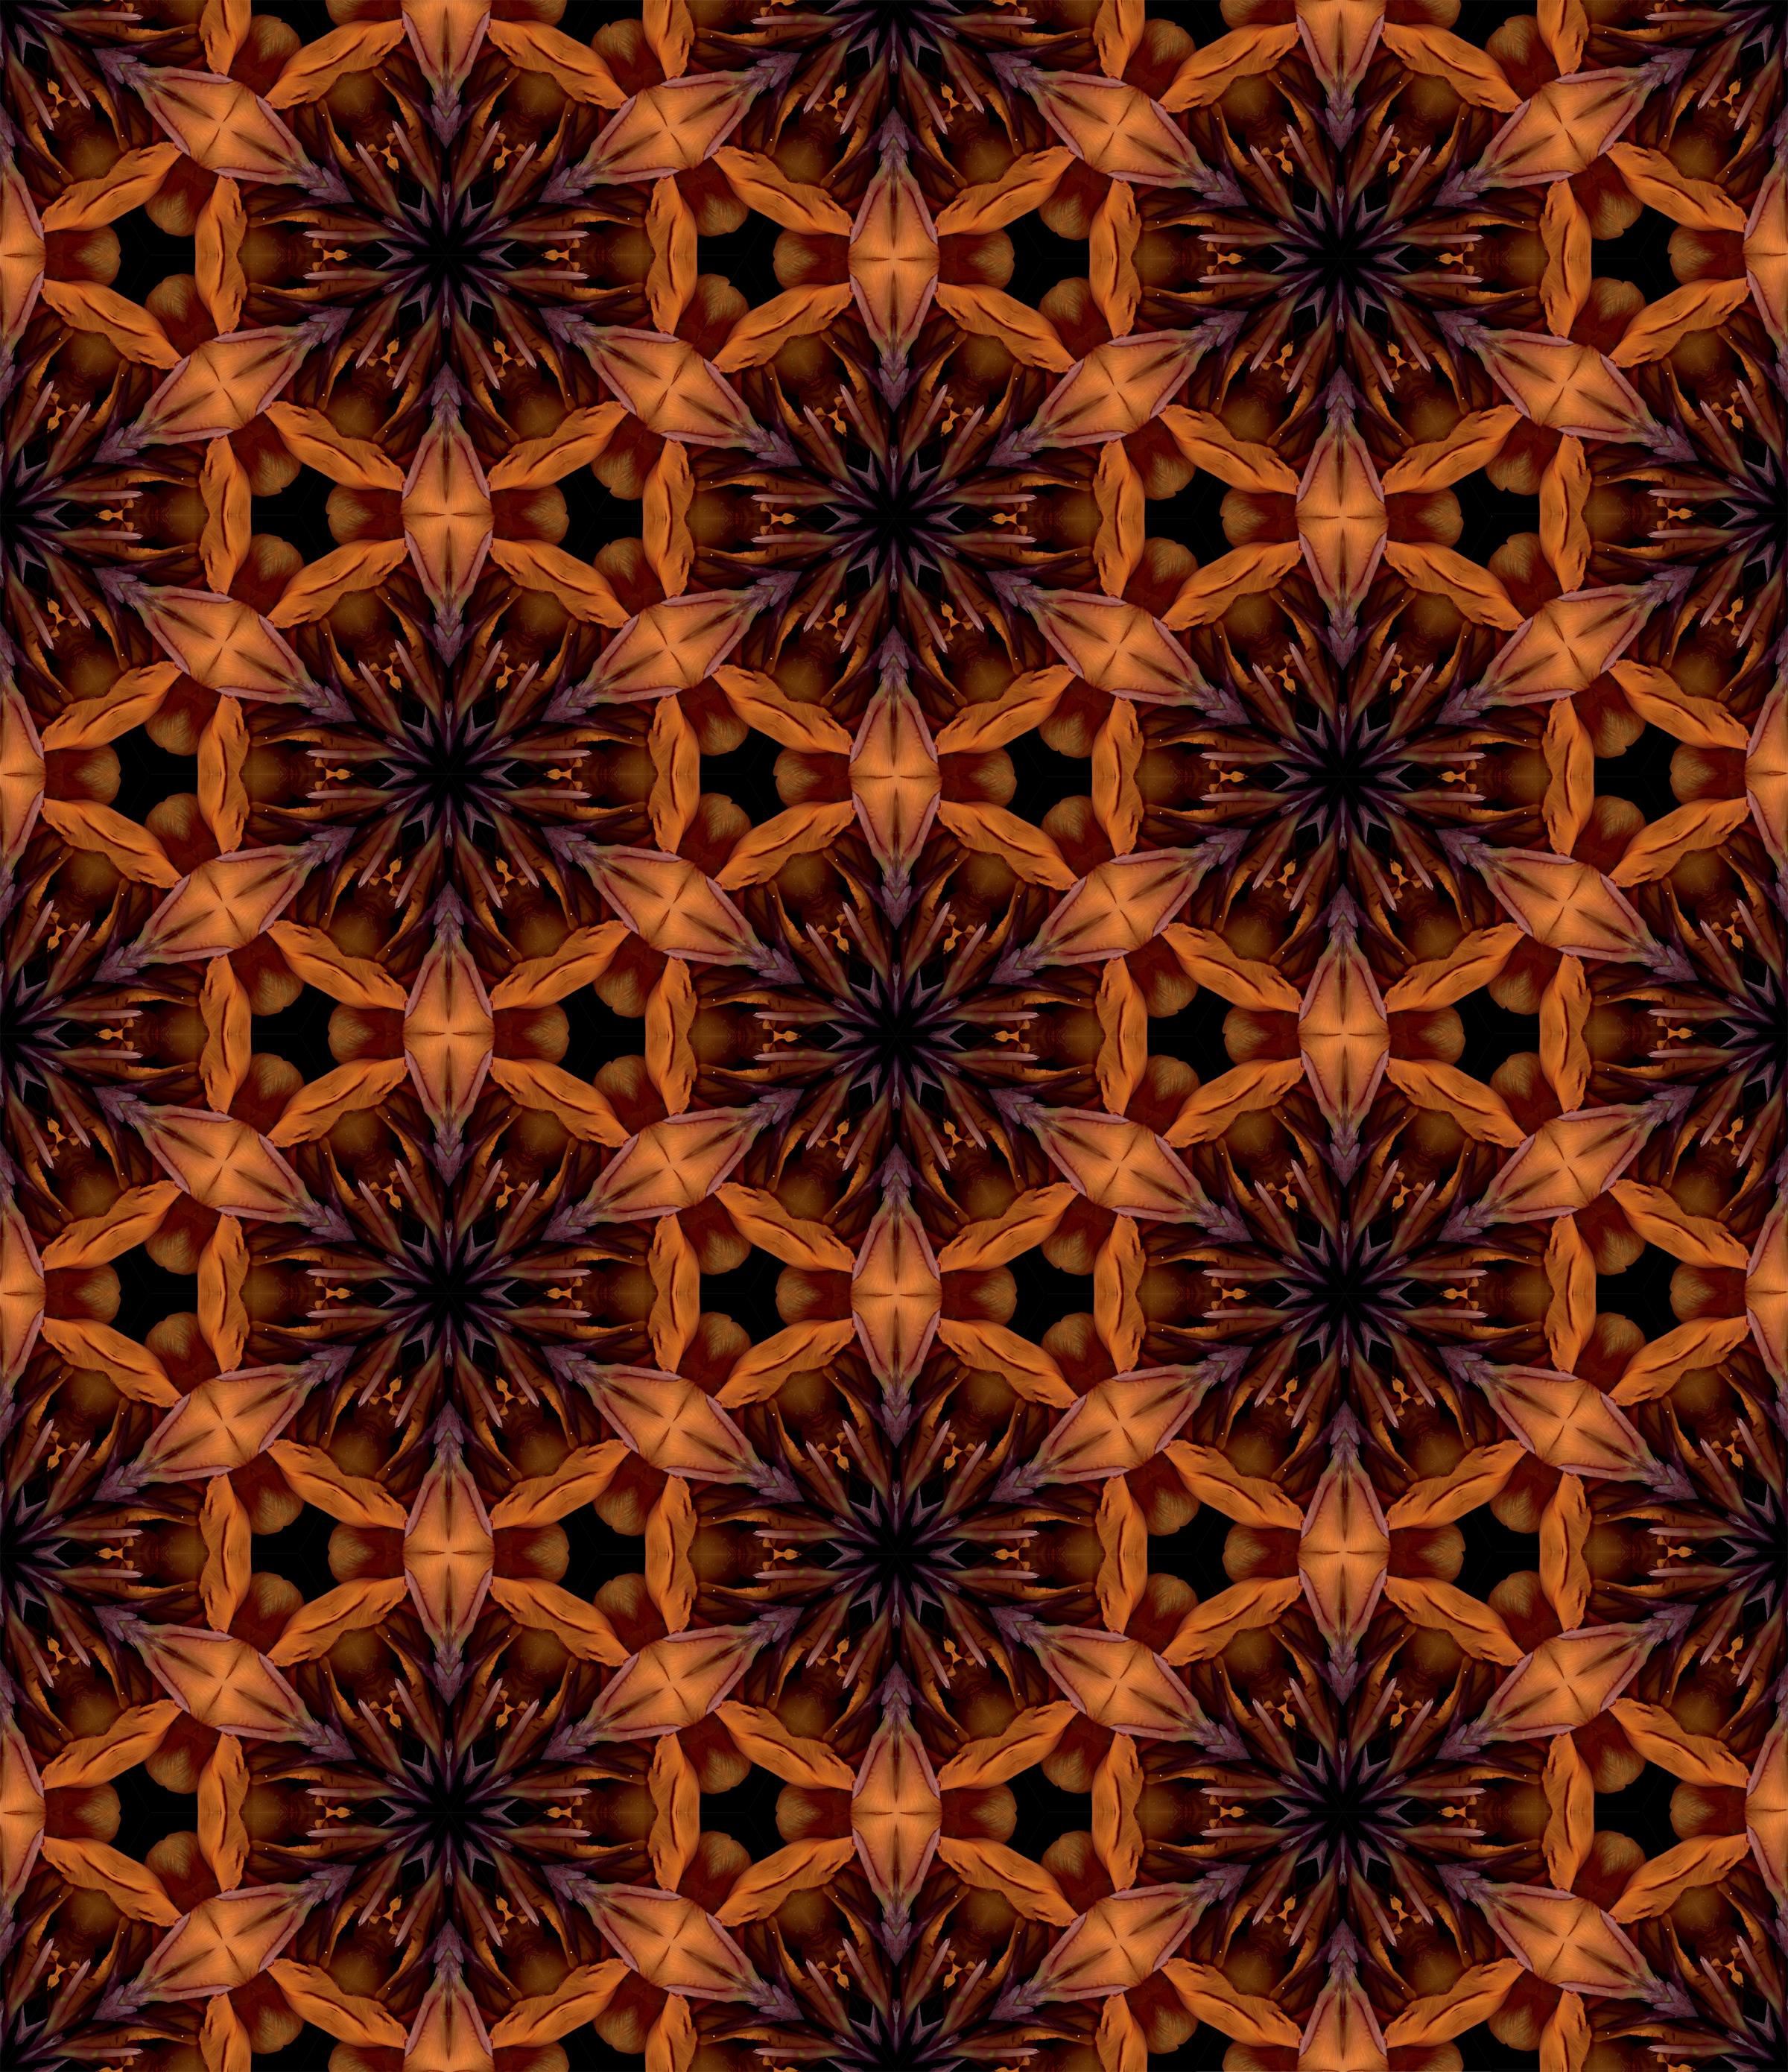 Making ceramic tile